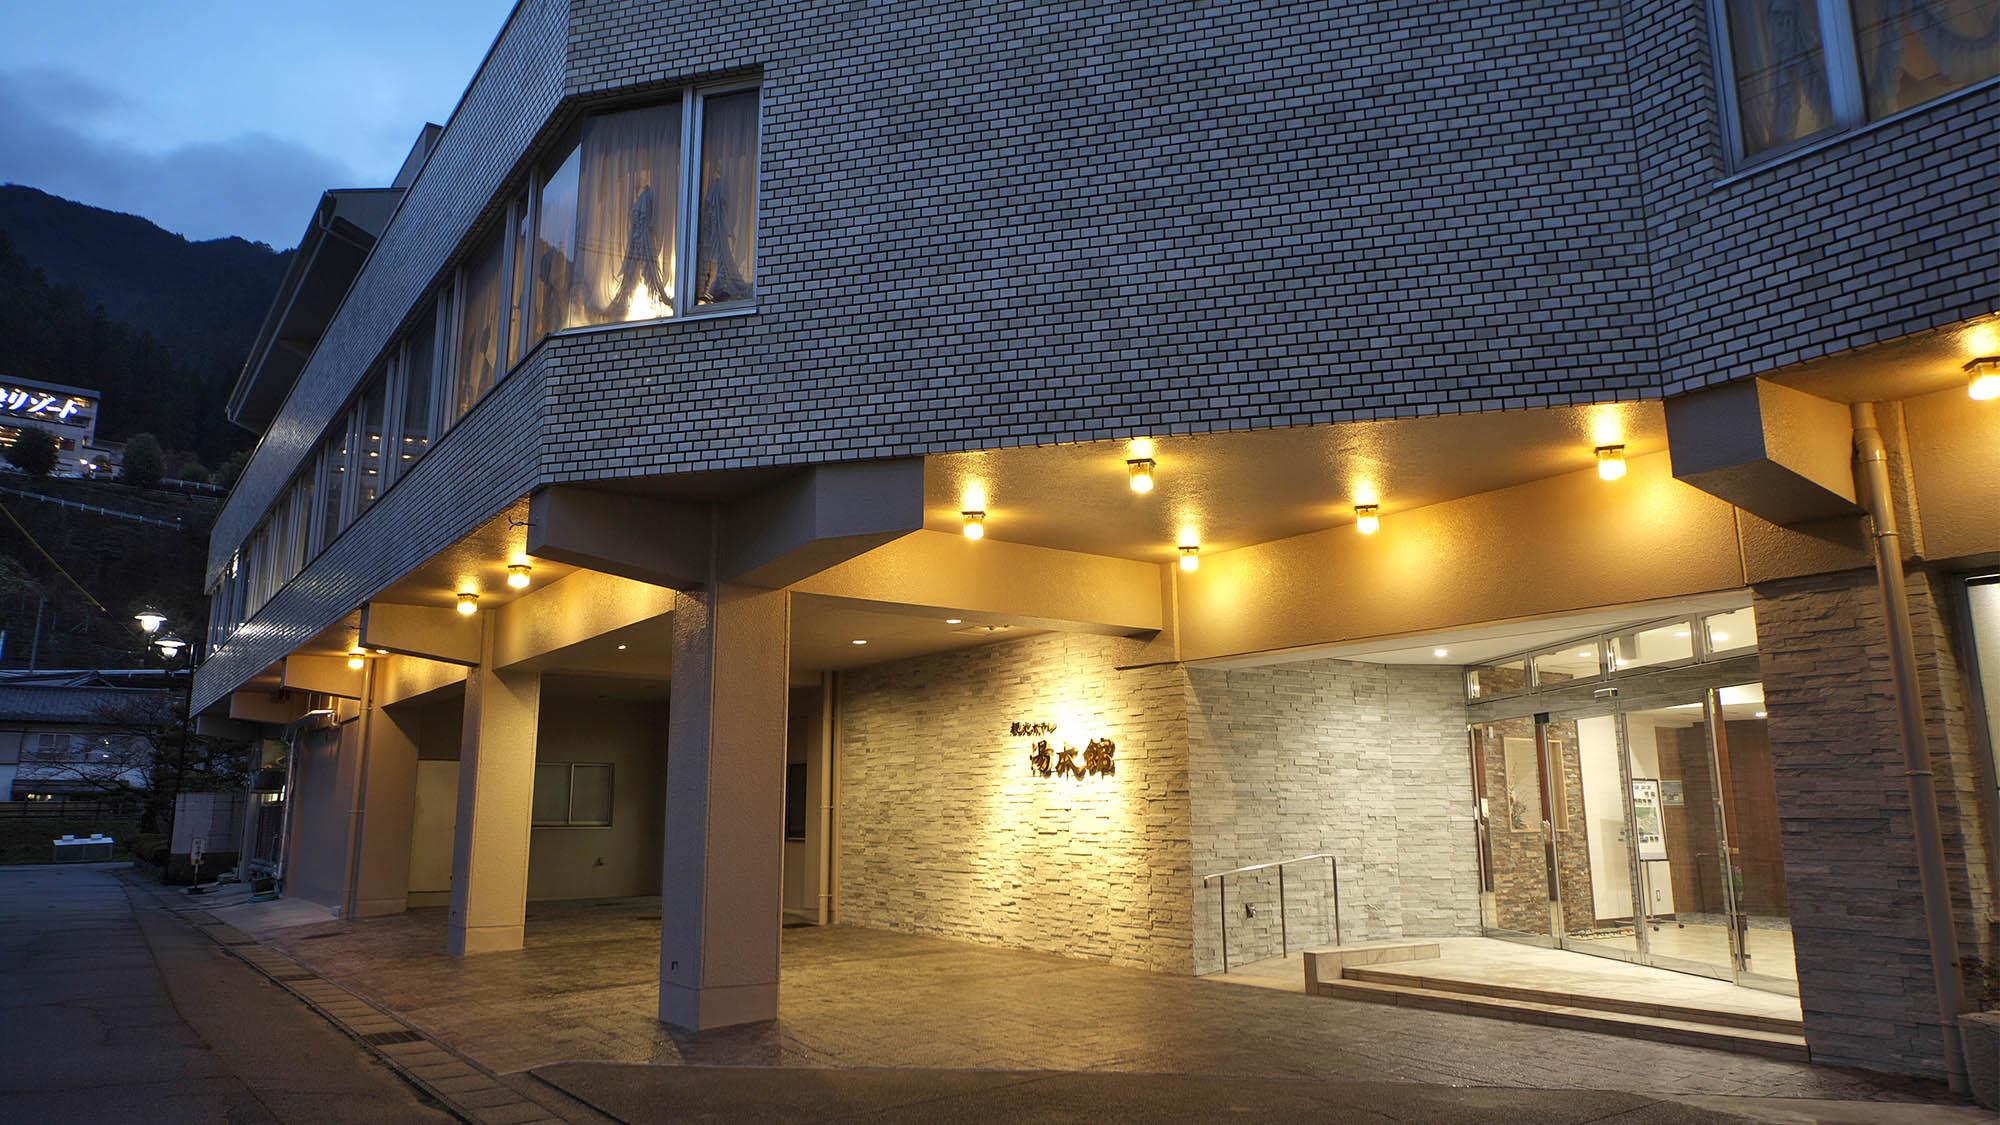 下呂温泉 観光ホテル湯本館 image